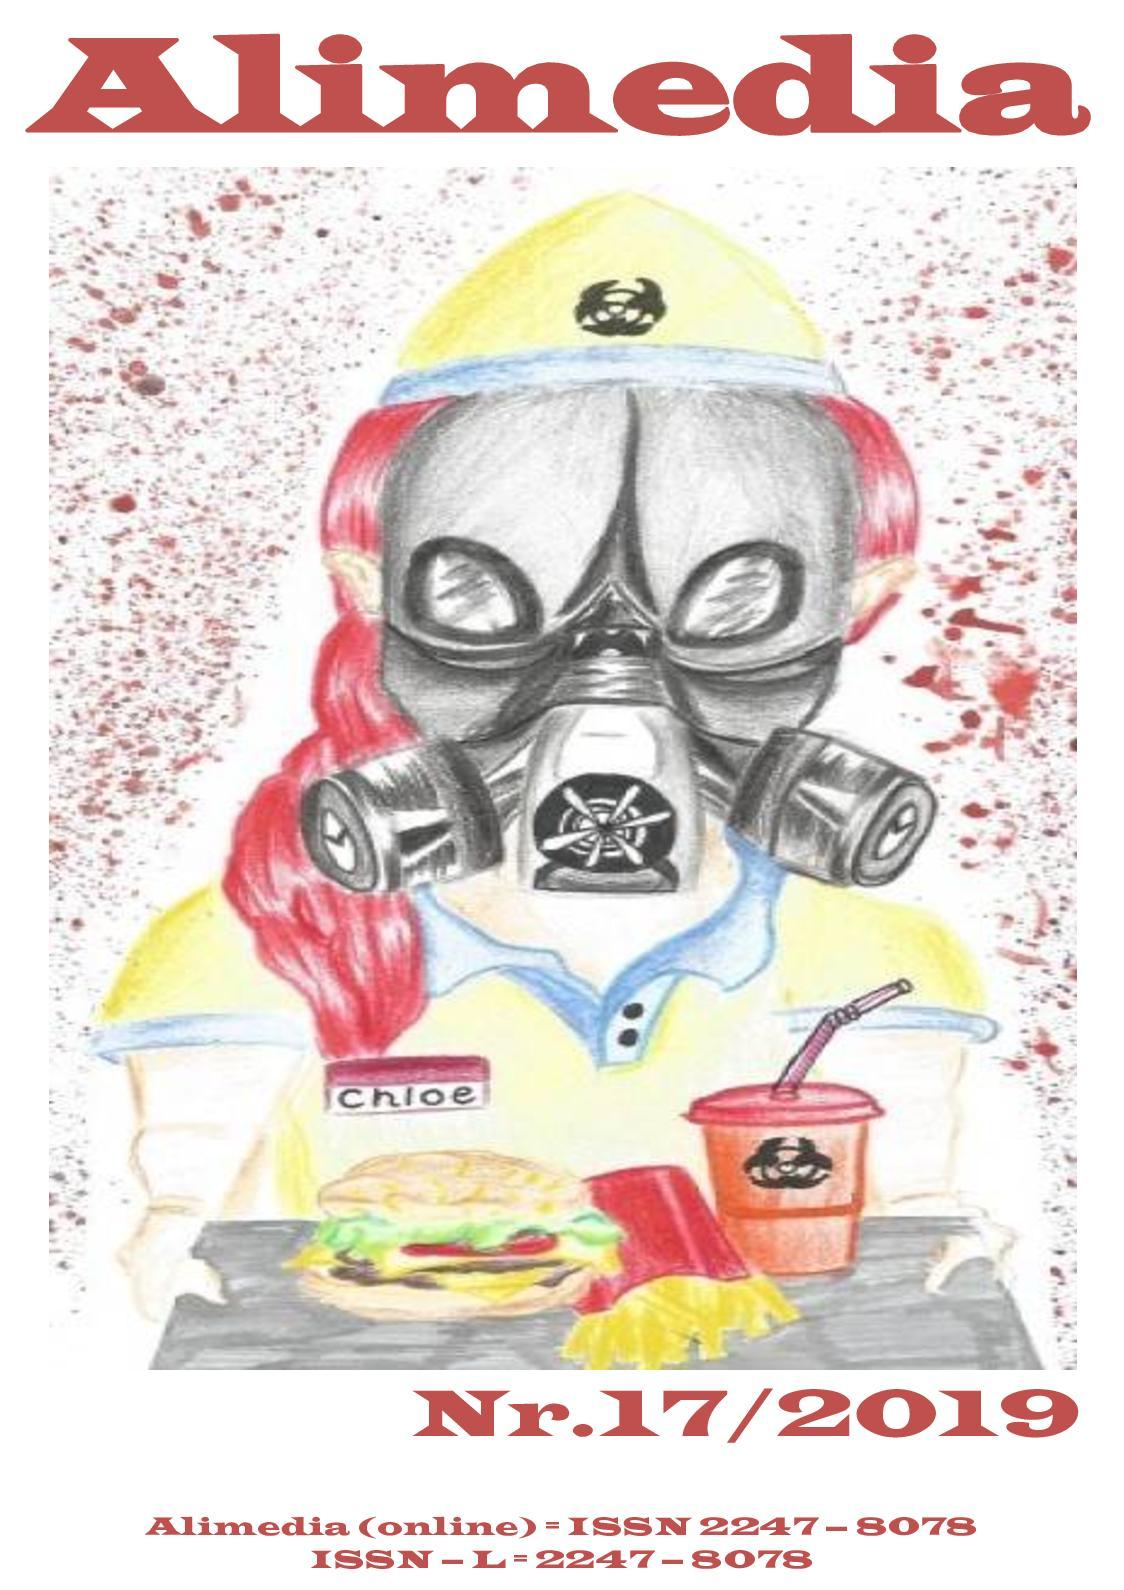 drog împotriva tuturor paraziților